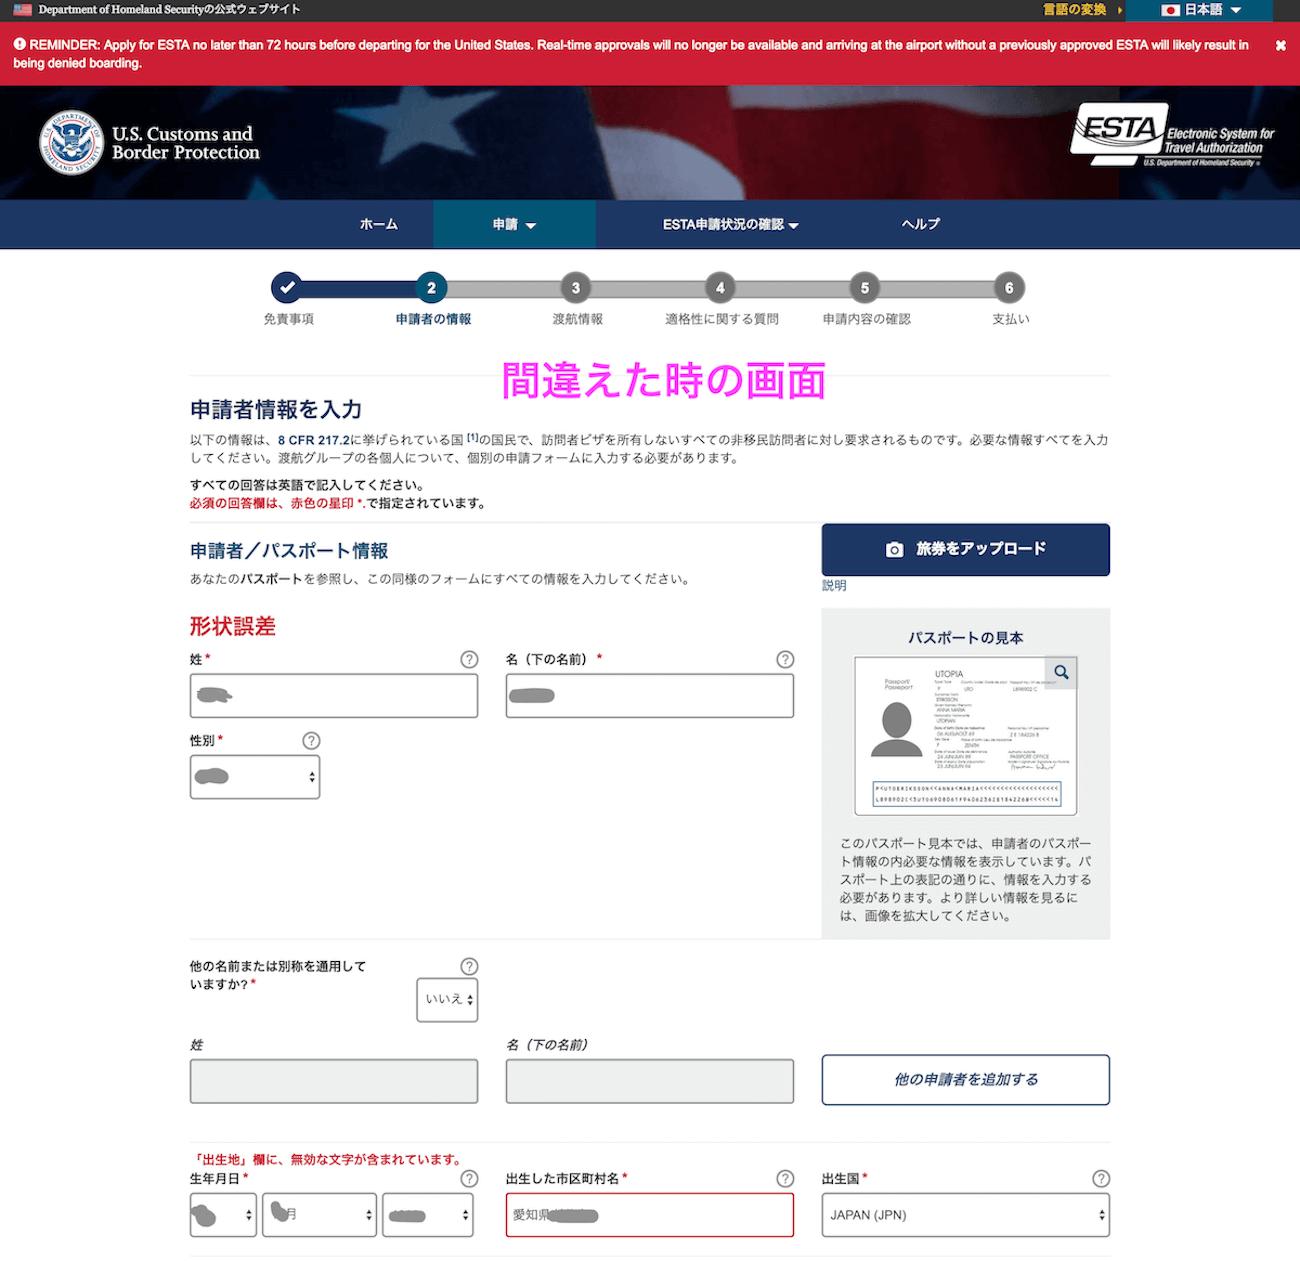 アメリカ入国のESTA(エスタ)申請方法(手順)4